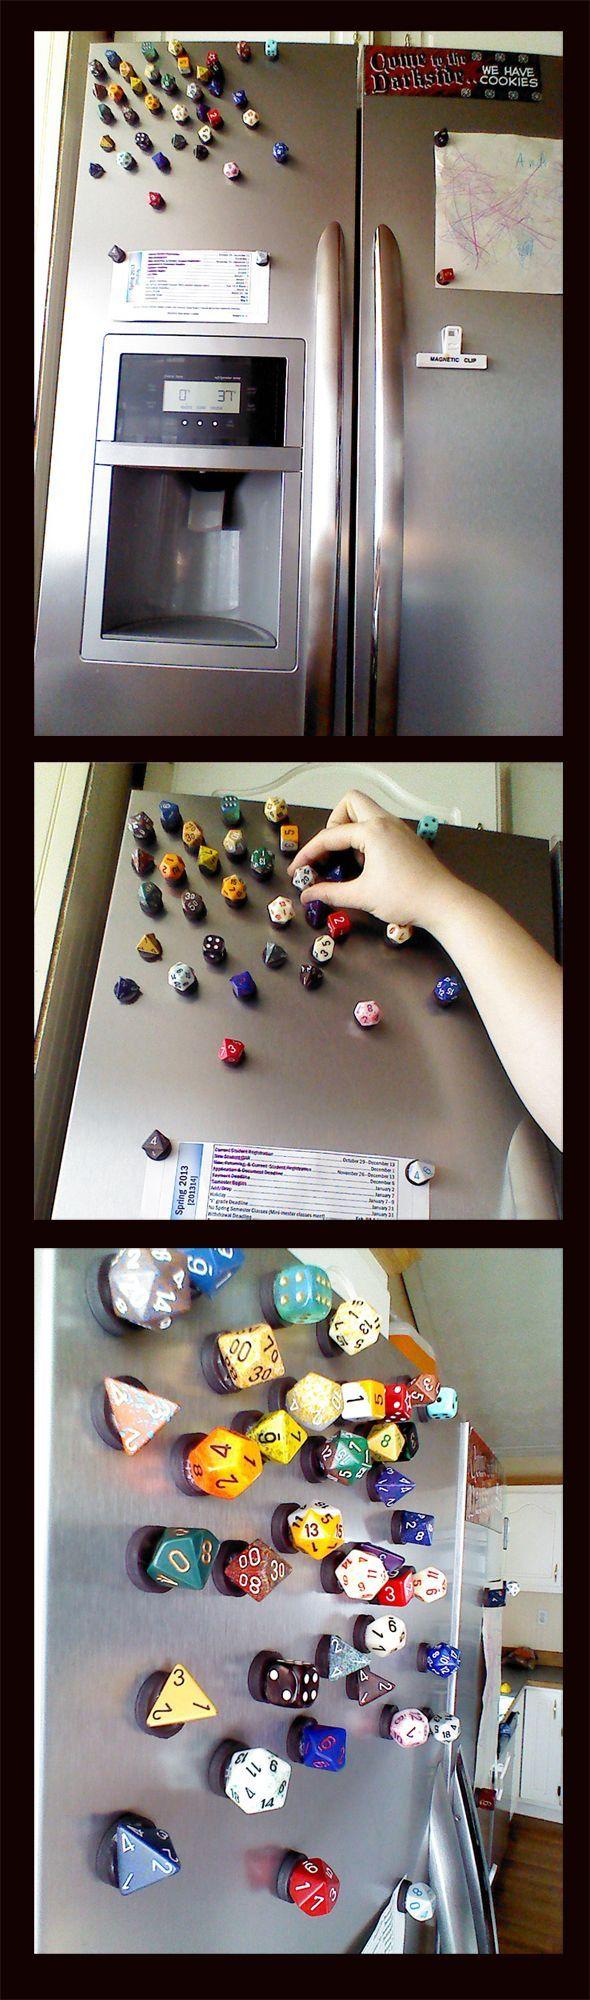 Geekery Magnet gesetztes d20 Würfel polyedrisches rpg Nerdstrumpfbesatz-Partybevorzugungsduschengeschenk Flairkühlschrank Housewarming